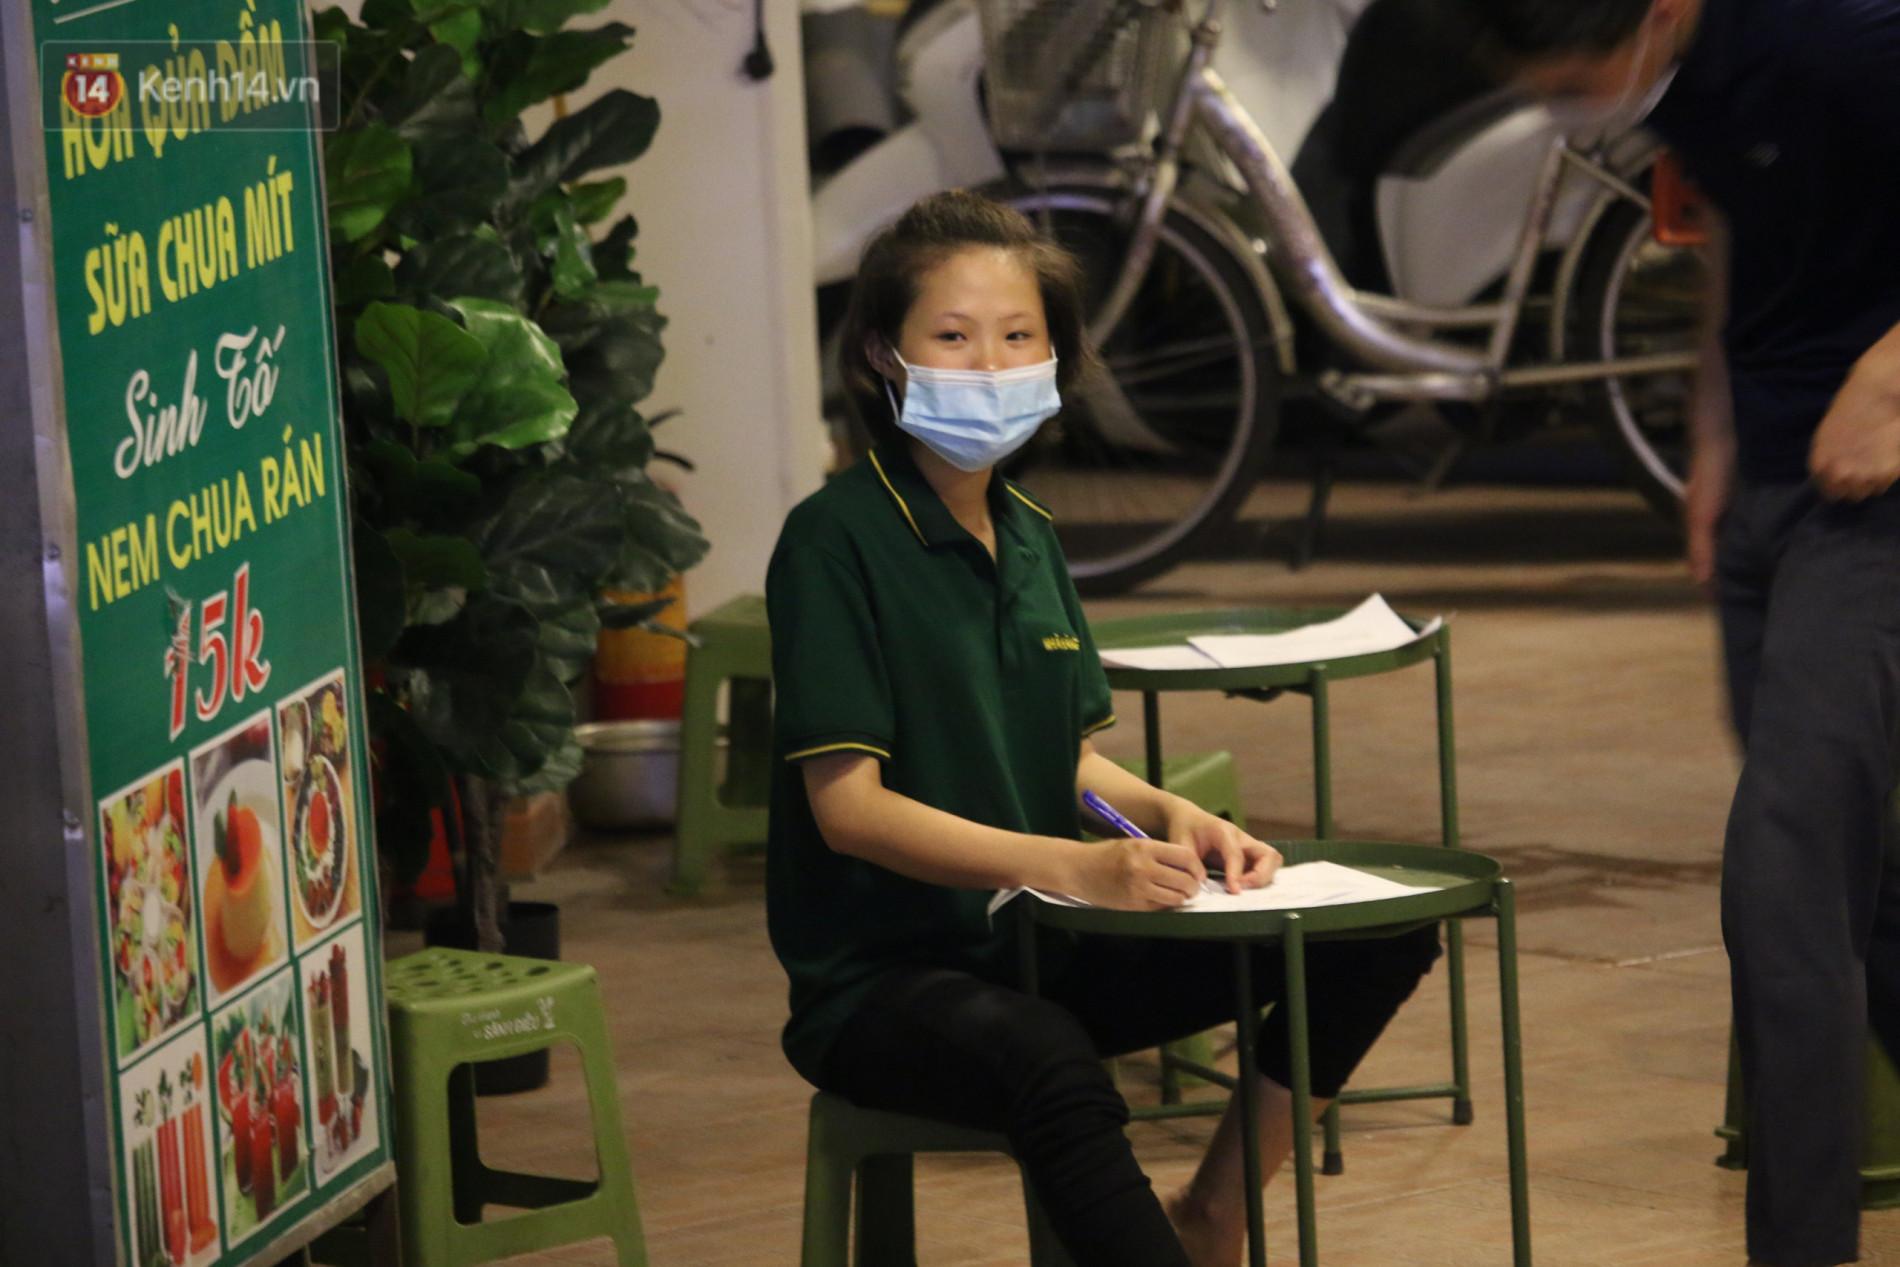 Ảnh: Lấy mẫu xét nghiệm nhân viên, phun khử khuẩn quán karaoke nơi nam bác sĩ dương tính với SARS-CoV-2 từng đến - Ảnh 8.